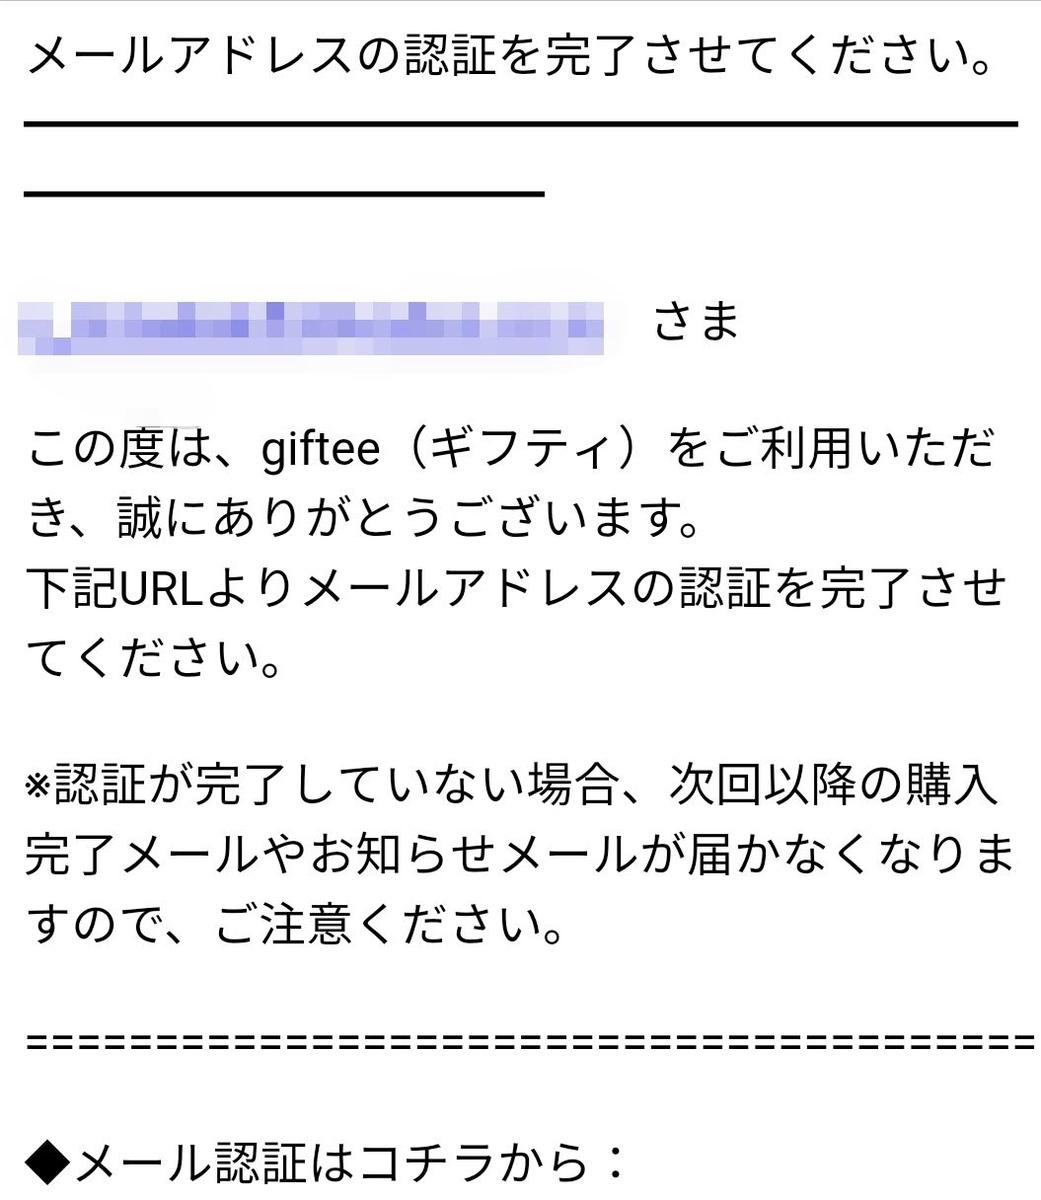 f:id:fuyushima:20190315221101j:plain